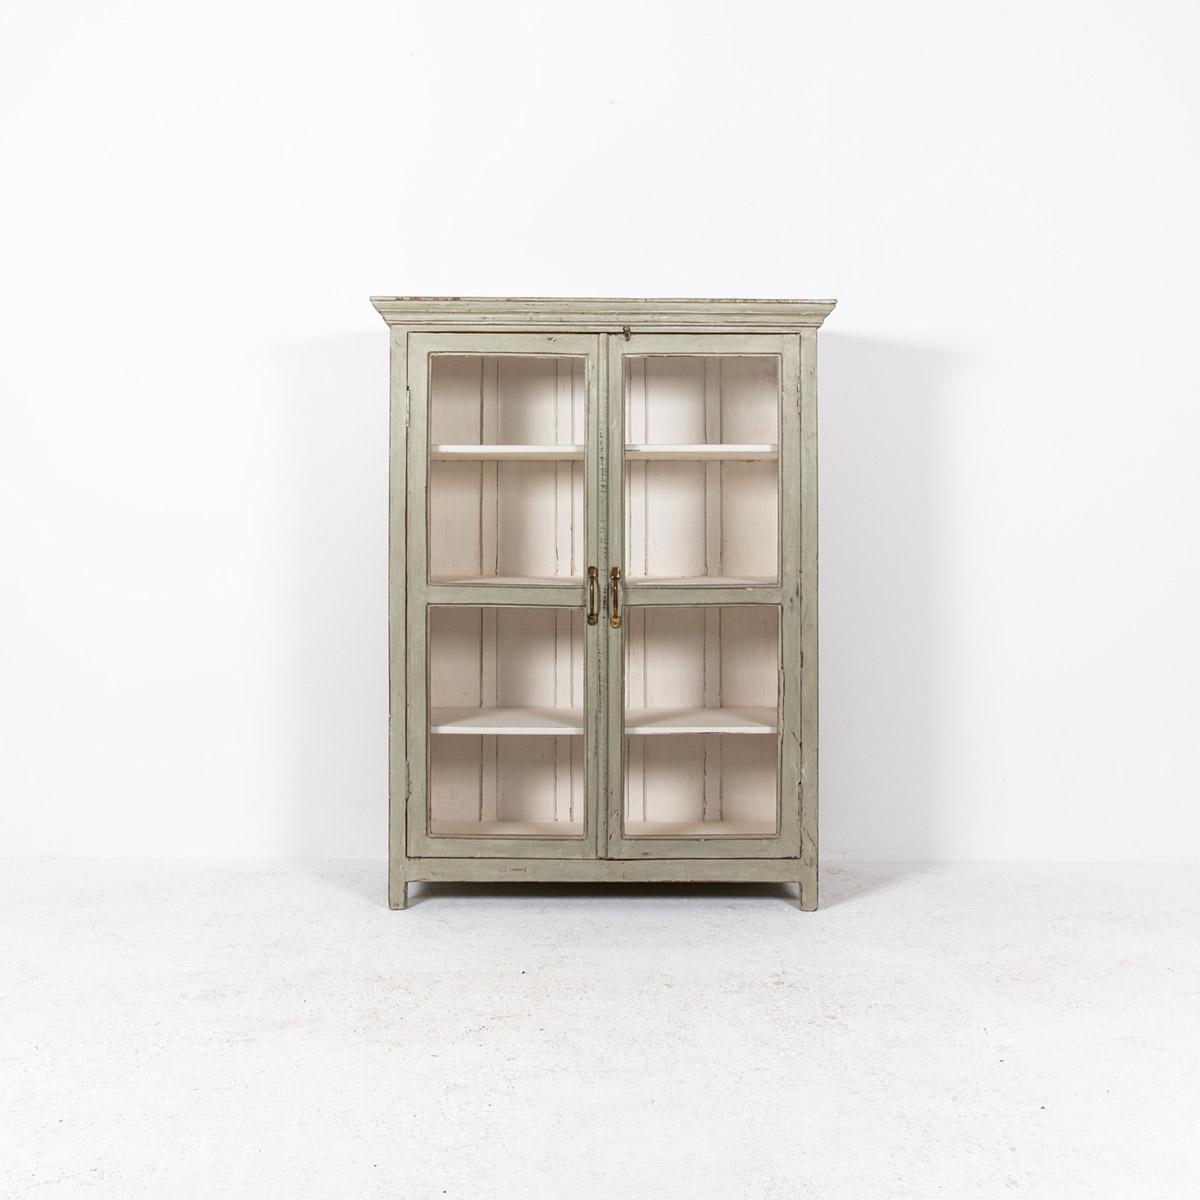 Vitrinekast-2-deuren-oud-grijs-4